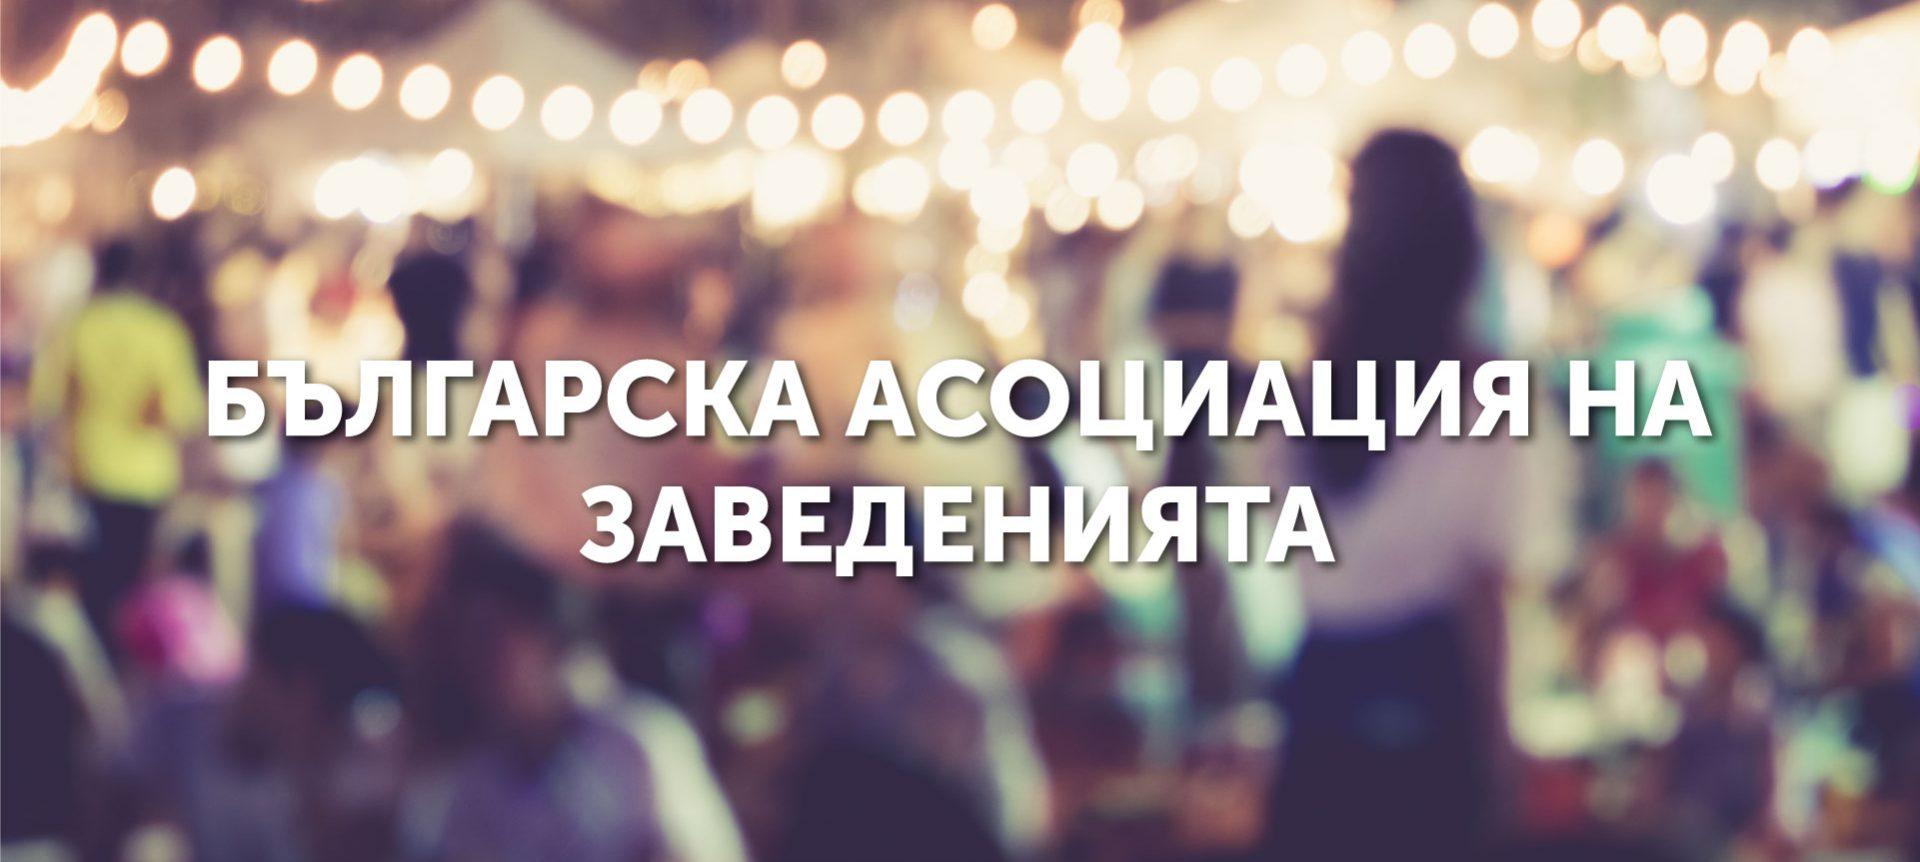 БЪЛГАРСКА АСОЦИАЦИЯ НА ЗАВЕДЕНИЯТА